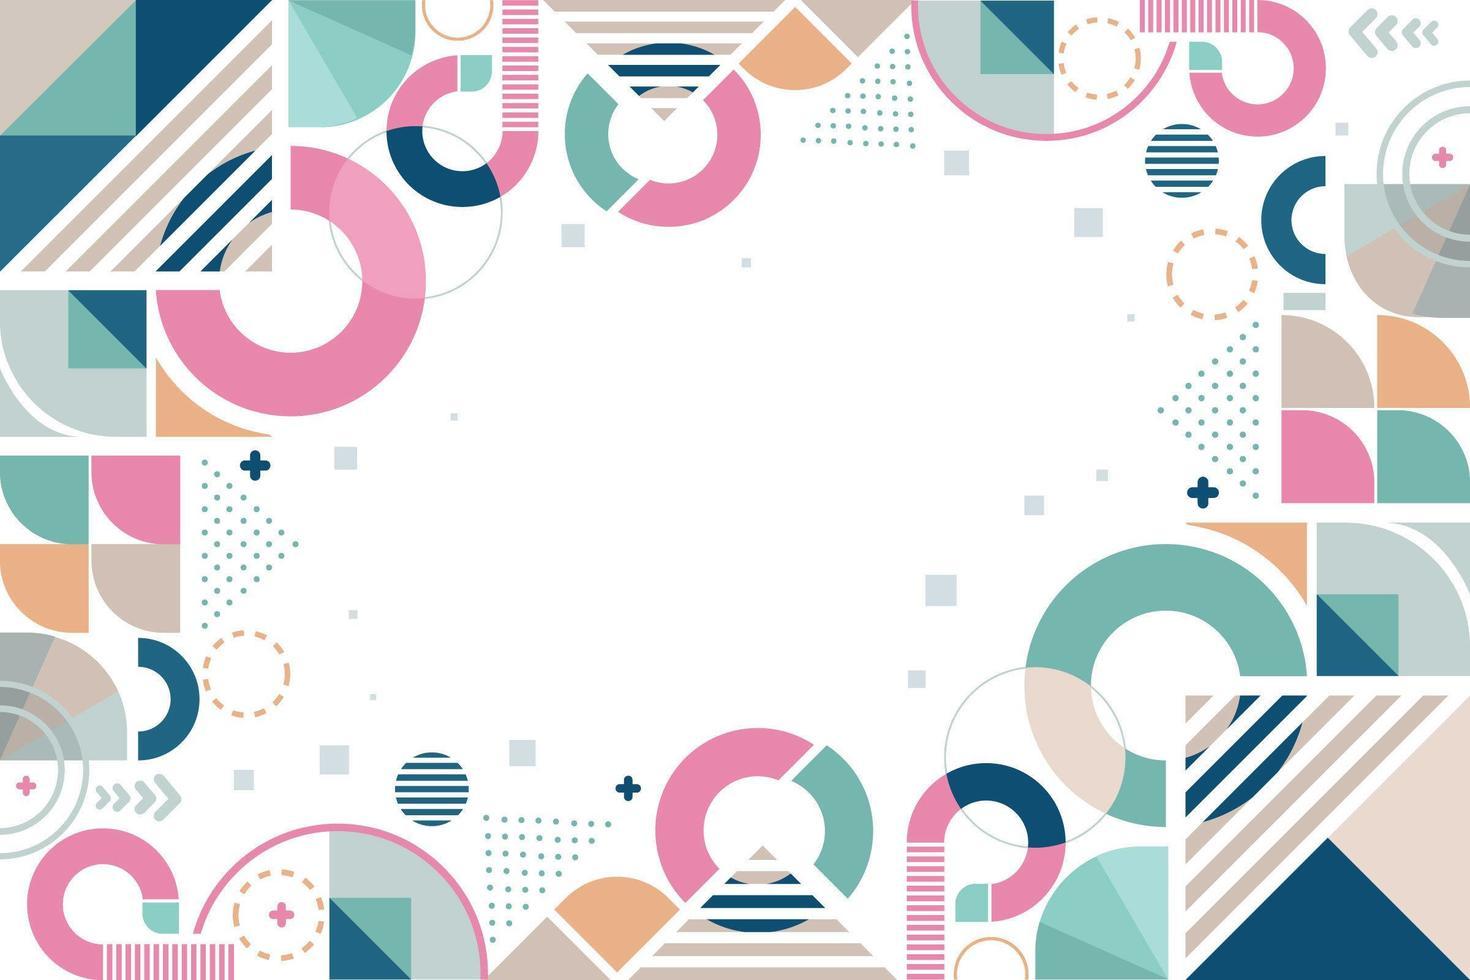 geometrisch ontwerp met pastelkleuren vector